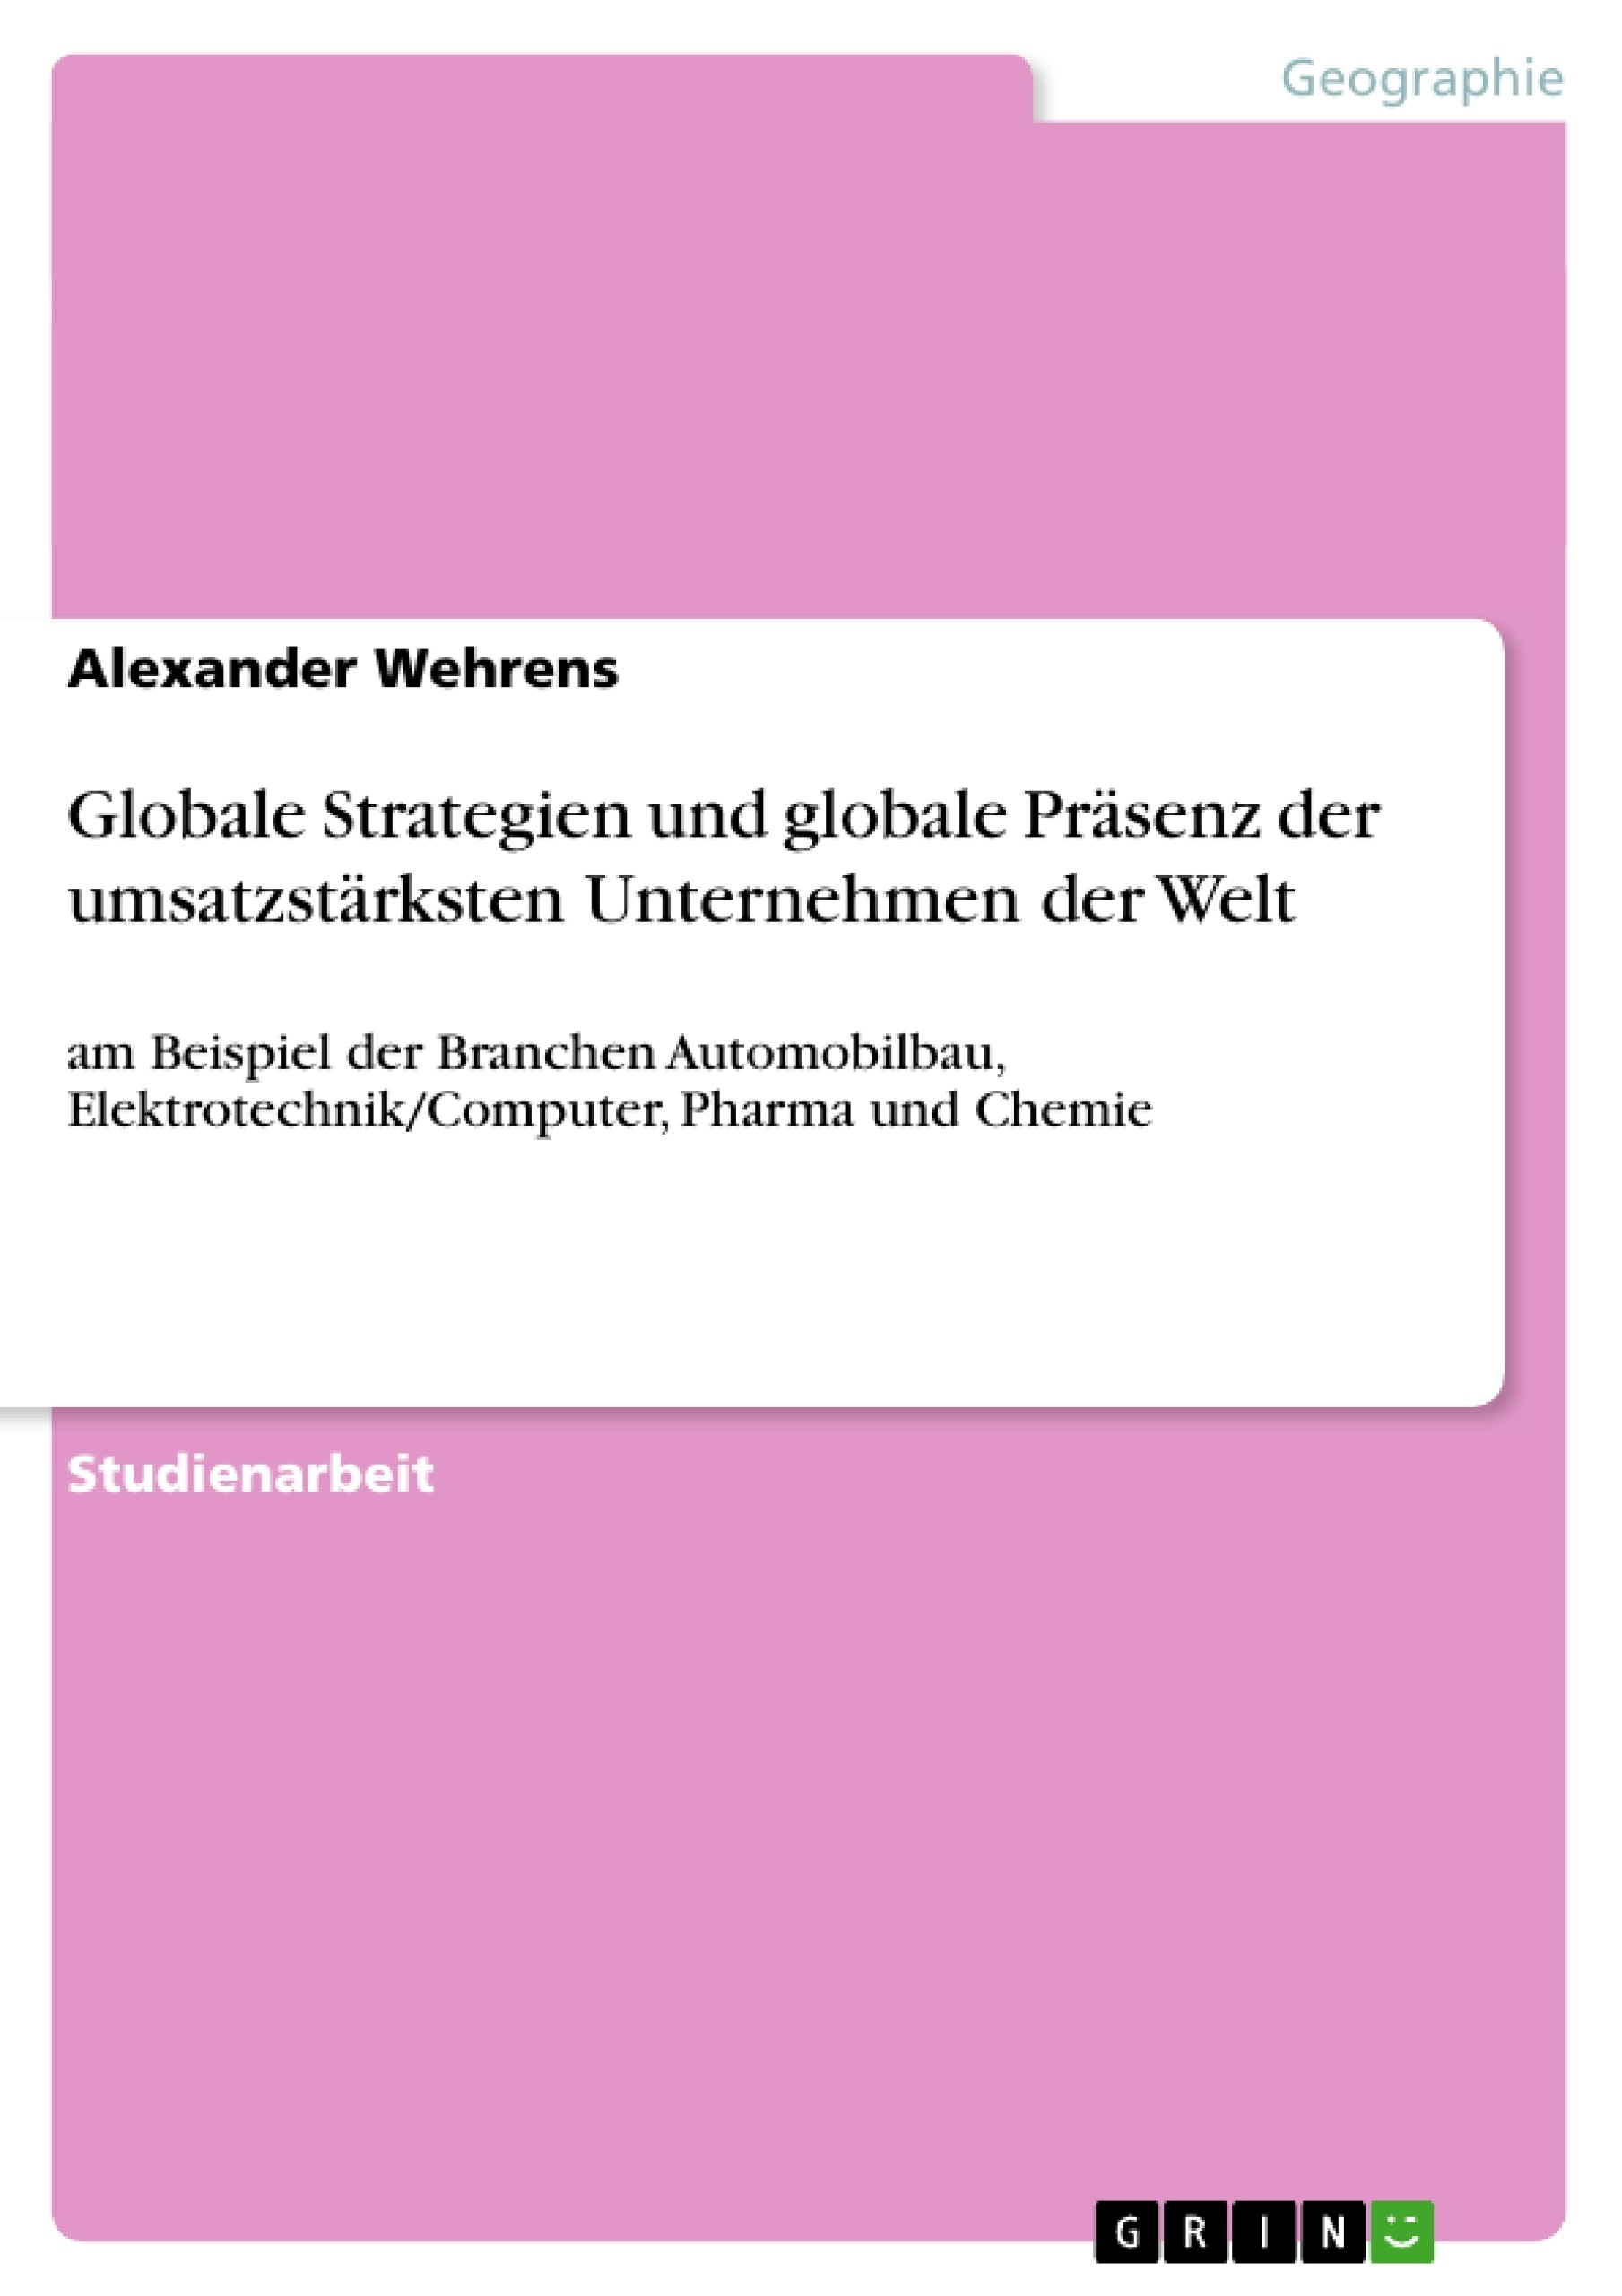 Titel: Globale Strategien und globale Präsenz der umsatzstärksten Unternehmen der Welt